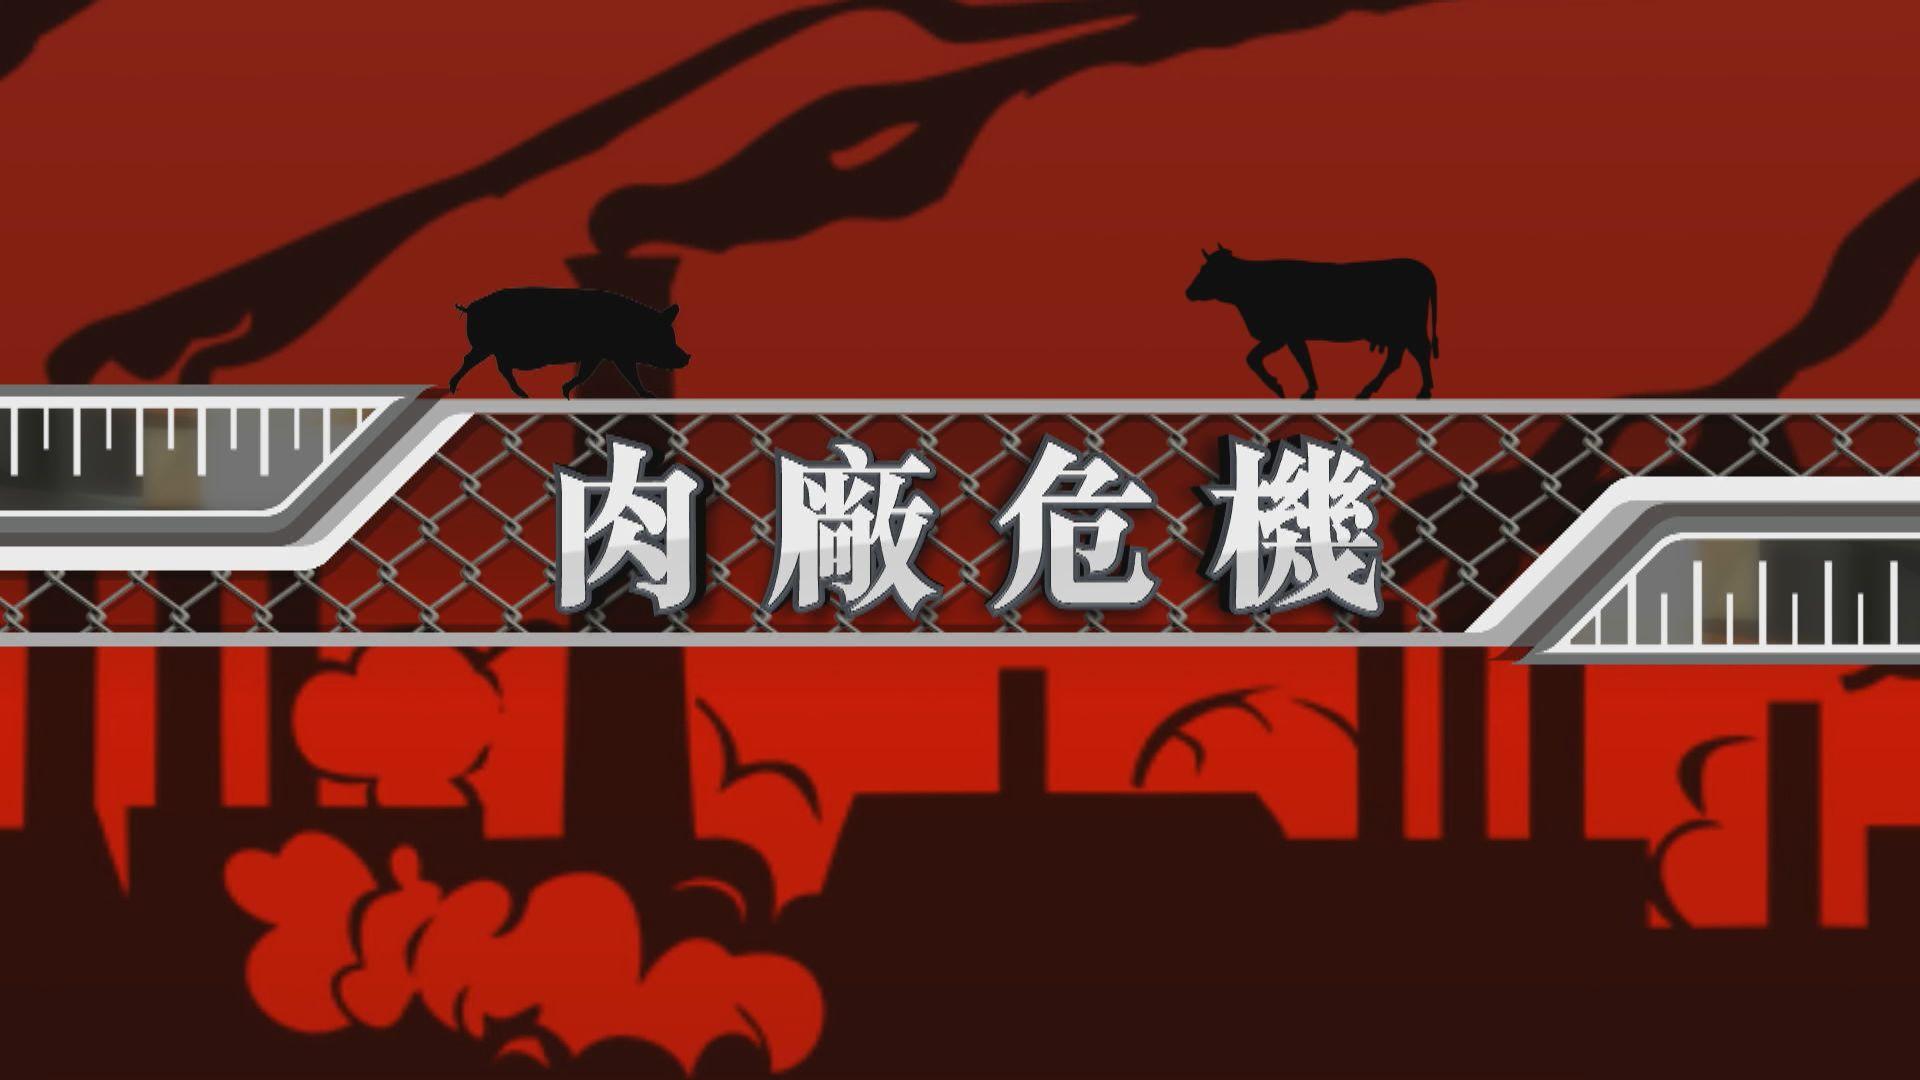 【新聞智庫】美國肉廠淪為疫情「熱點」 肉類供應與員工健康如何取捨?